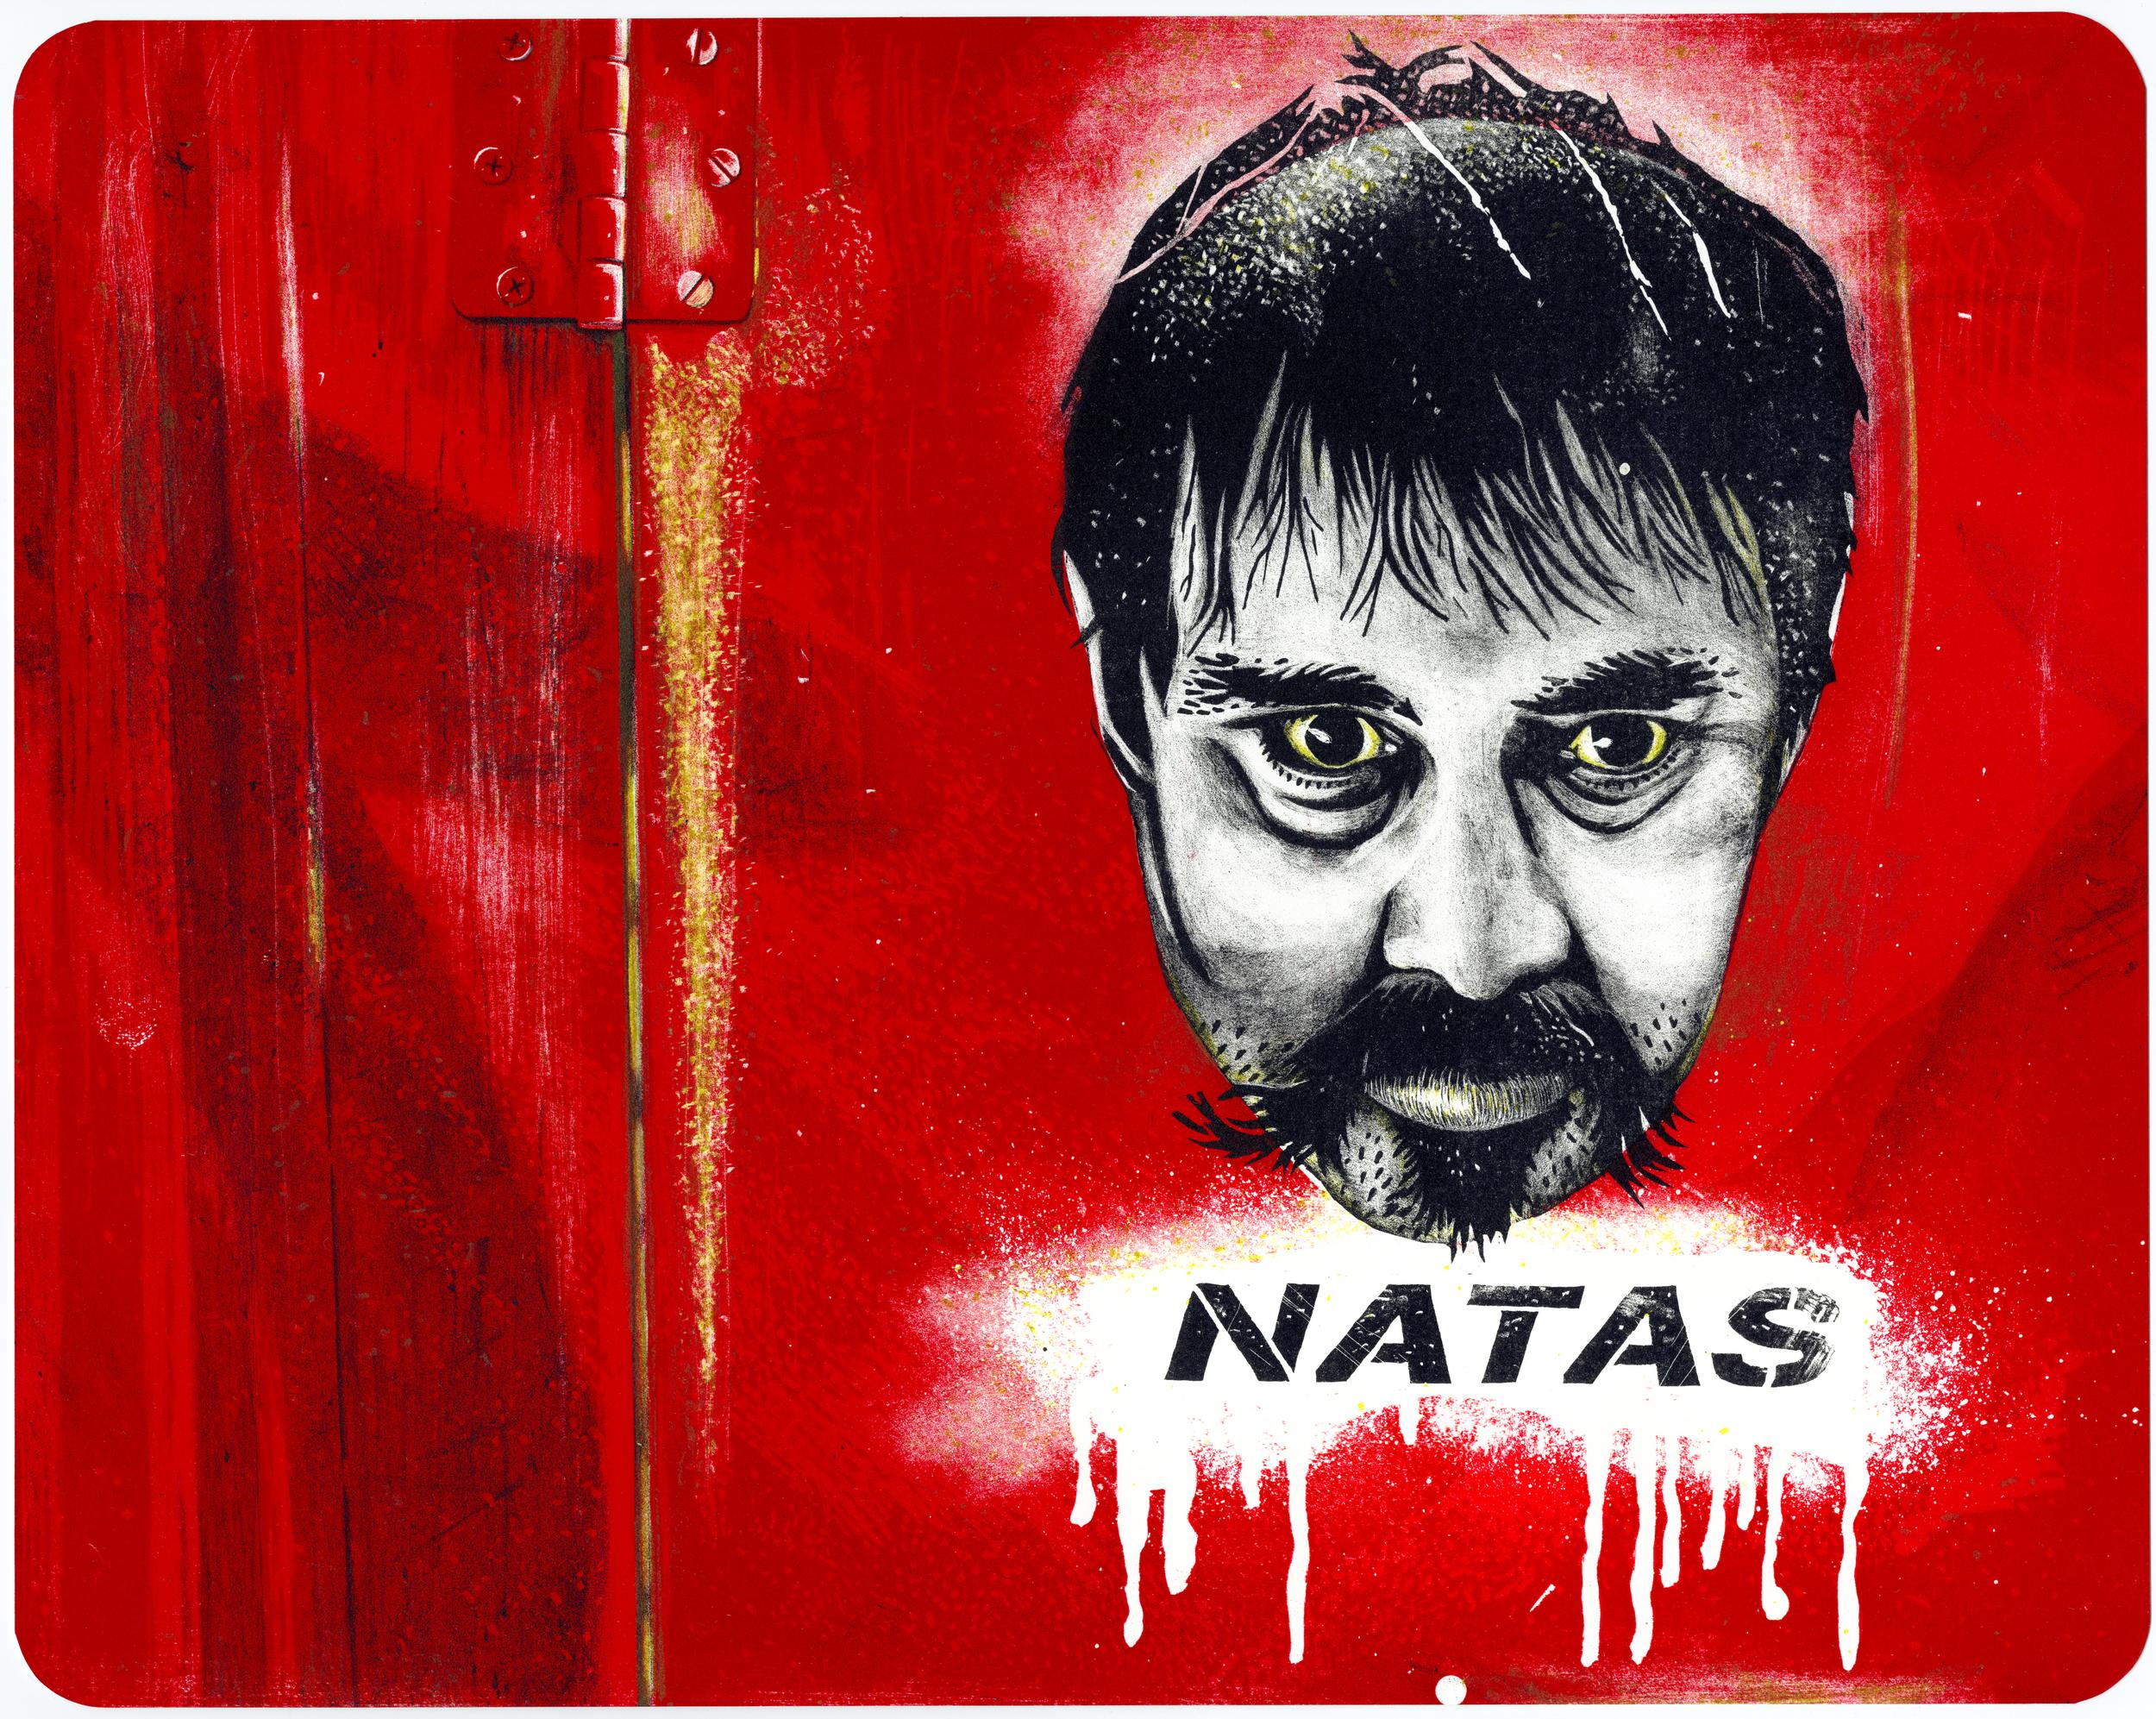 Der Natas! on Nicholson